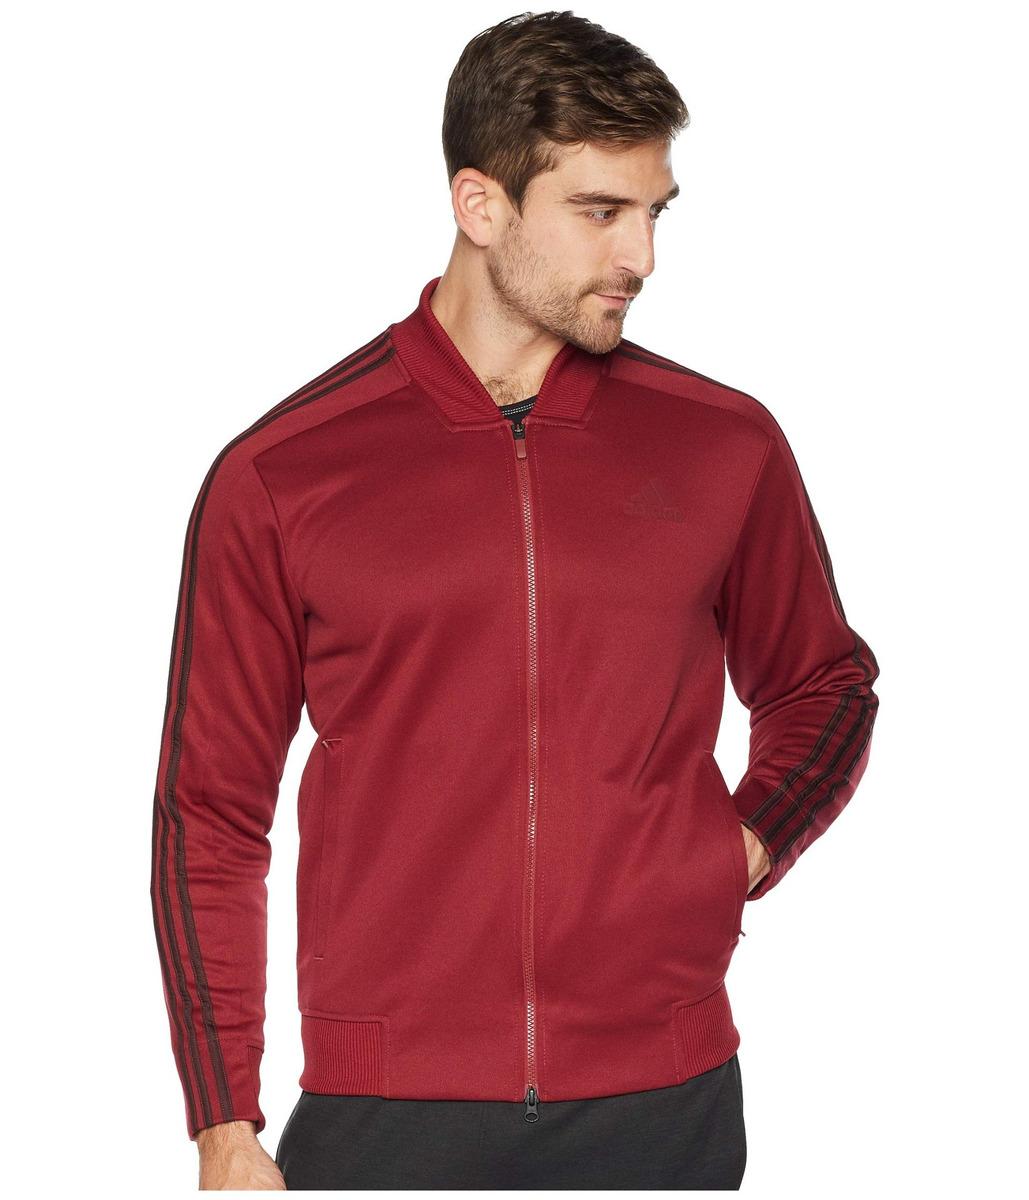 d349a82748c83 casaca hombre adidas sport id track bomber jacket. Cargando zoom.